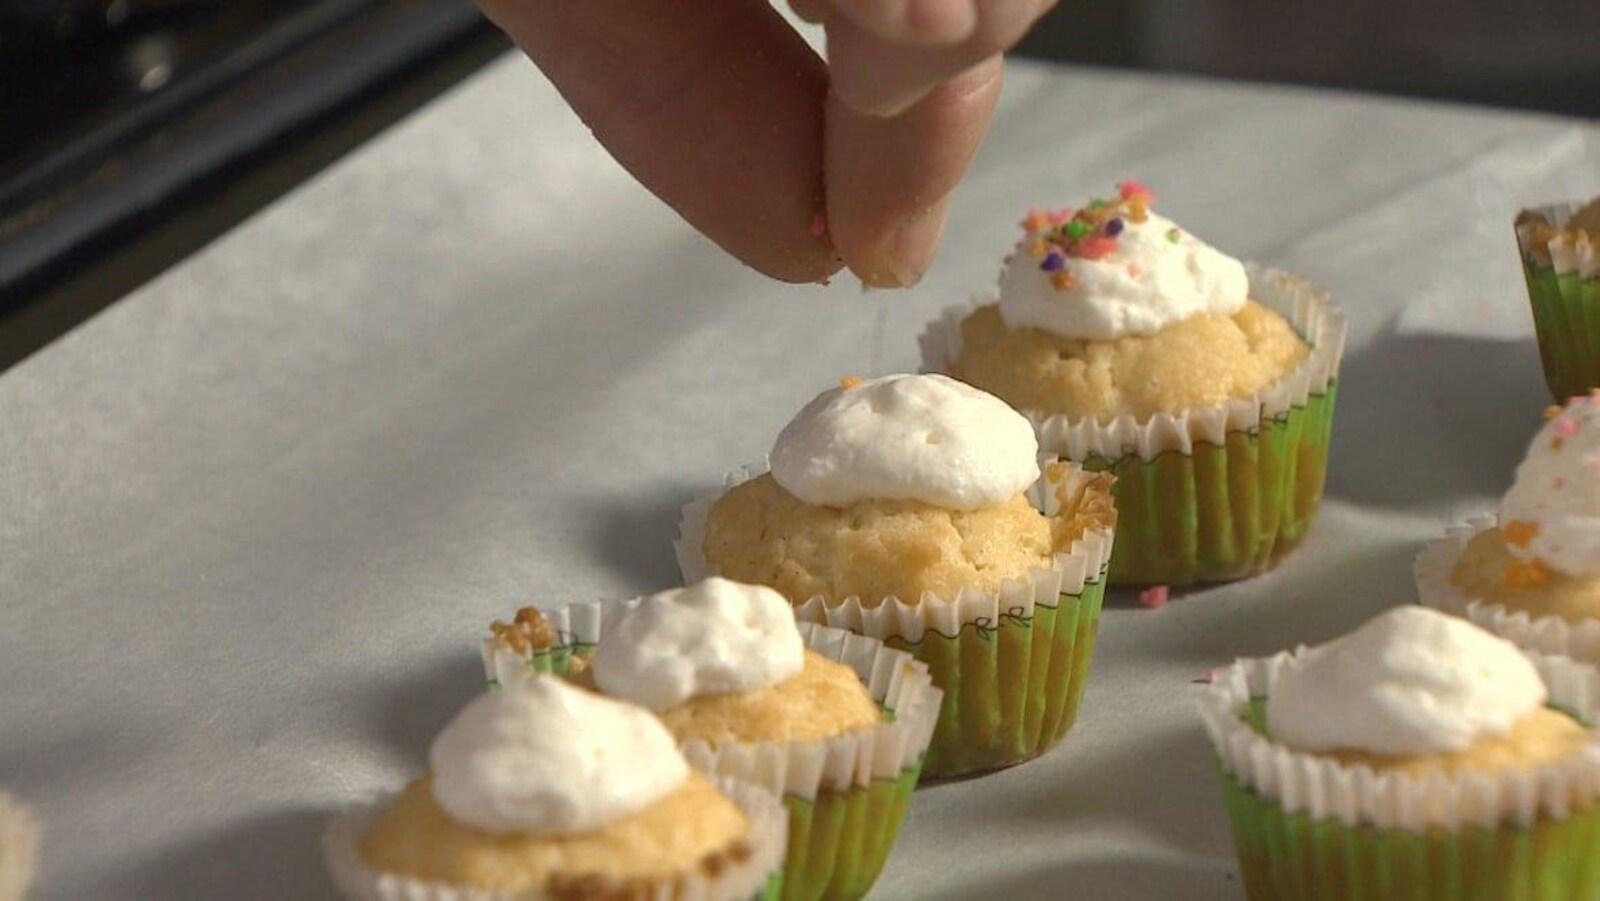 Mme Guimond met un glaçage à la vanille sur ses petits gâteaux.